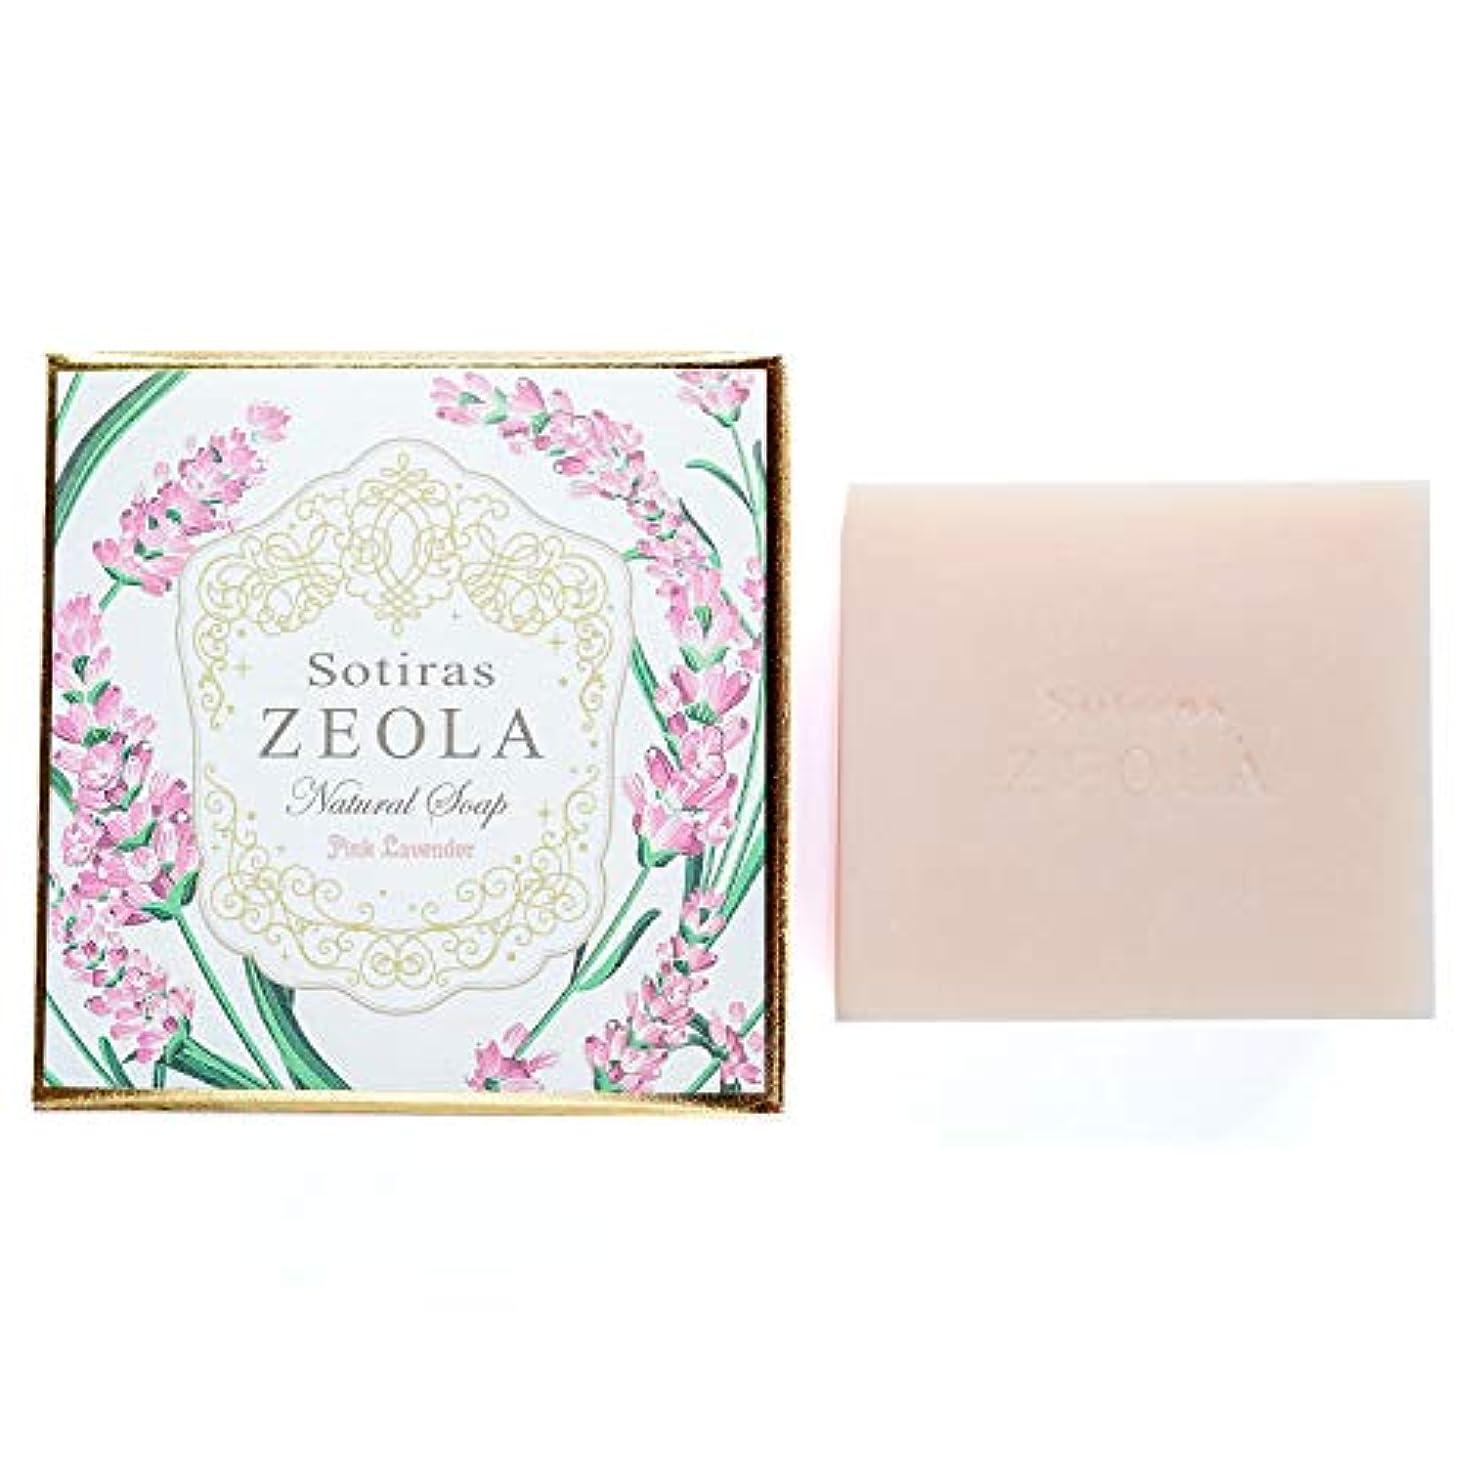 解釈酸化する貫通するSotiras ZEOLA ナチュラルソープ 洗顔用 ピンクラベンダー 天然 ゼオライト 化粧品 石けん 無添加 保湿成分 はちみつ 枠練り石鹸 人気 ランキング 毛穴 汗 臭いケア 香り 美肌 固形石鹸